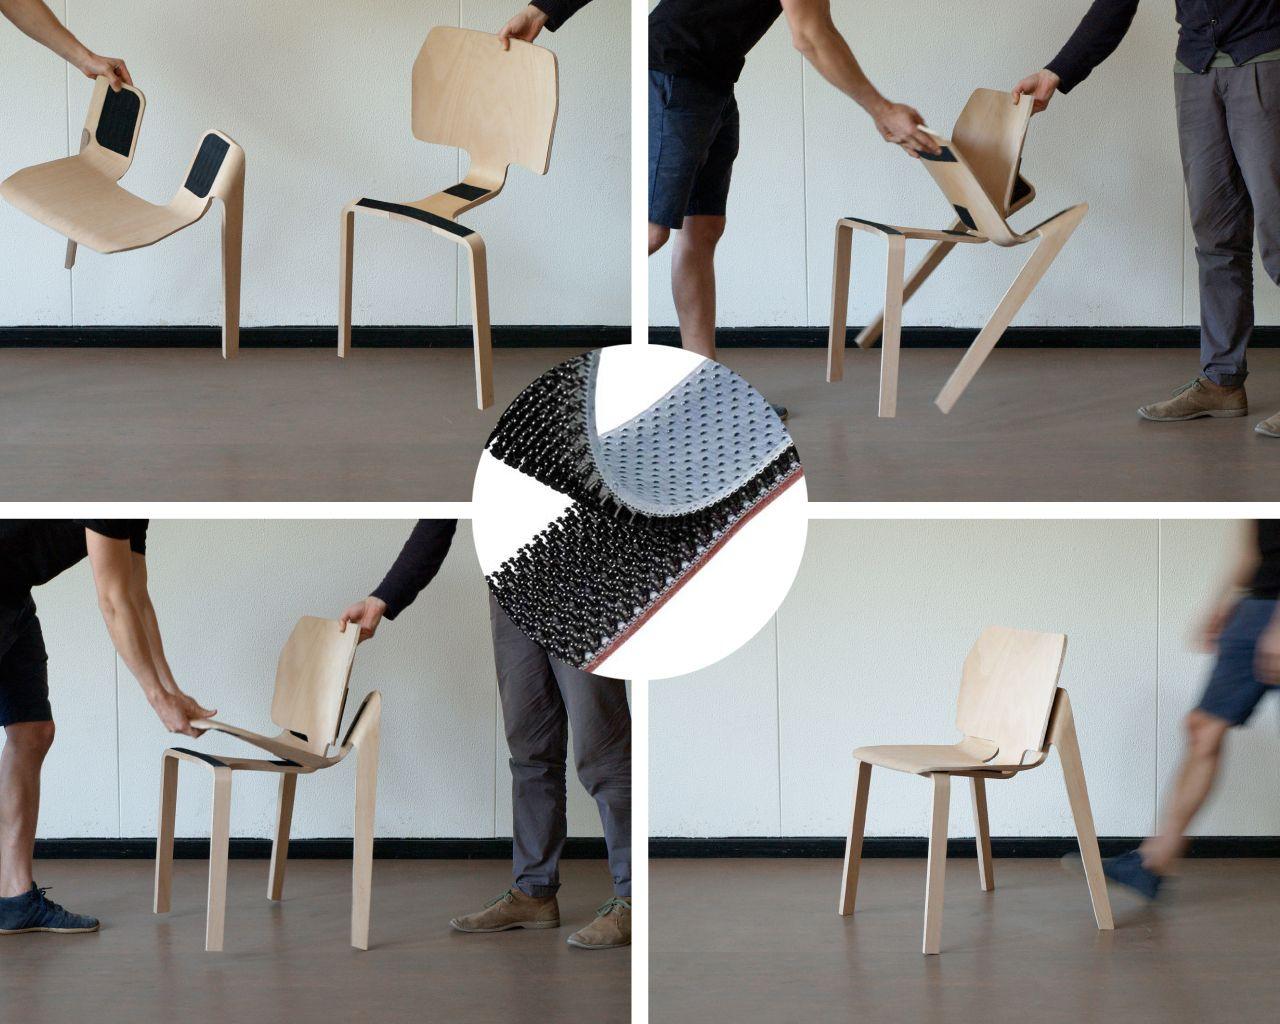 nww design award | 가구, 의자, 제품